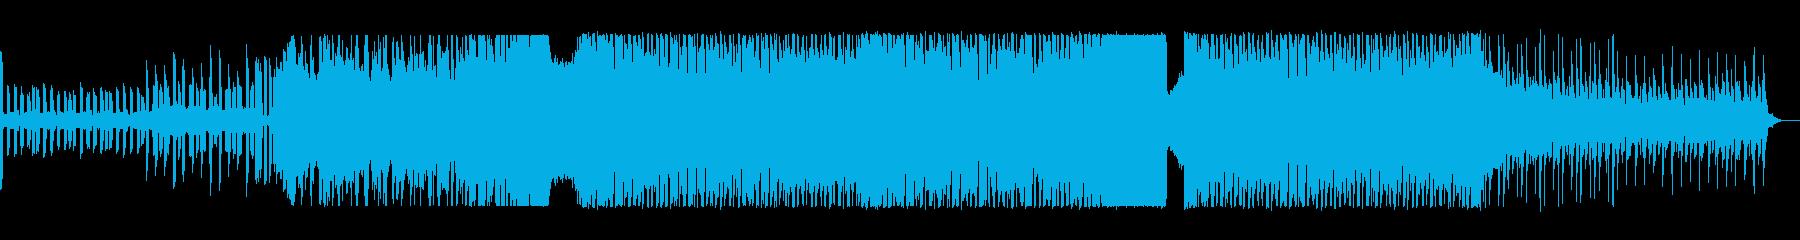 リズム感がある可愛いポップスの再生済みの波形